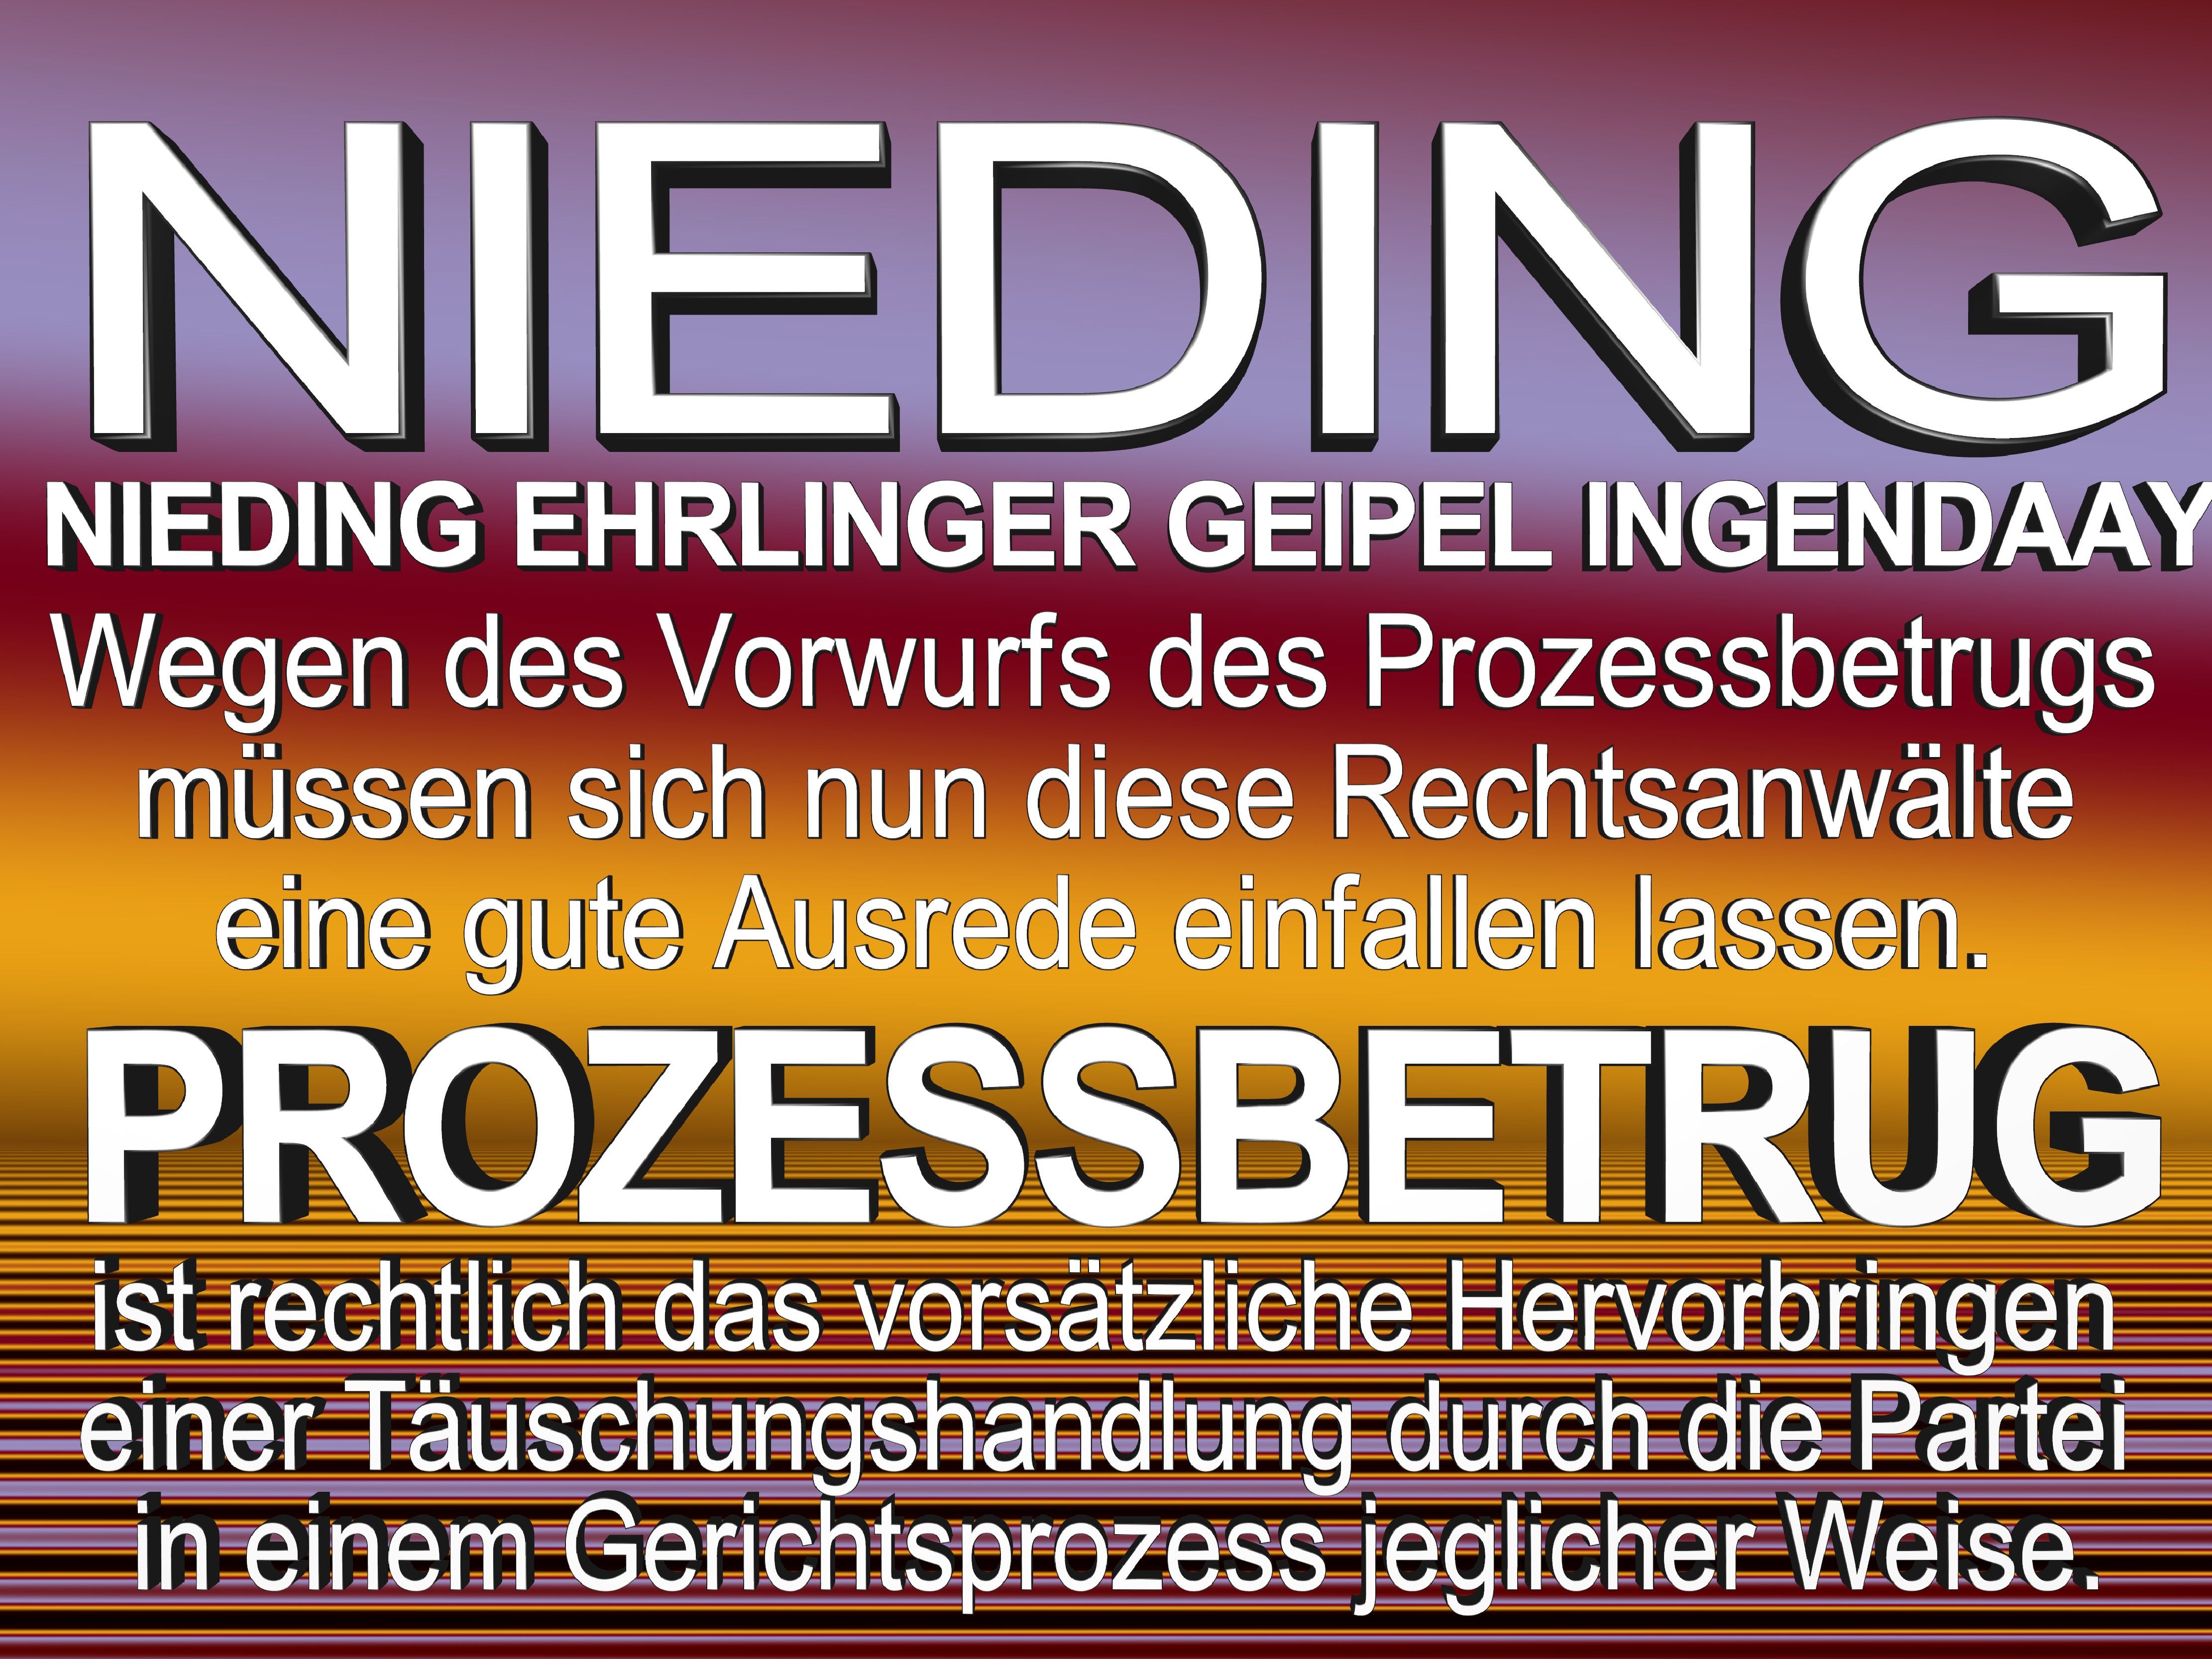 NIEDING EHRLINGER GEIPEL INGENDAAY LELKE Kurfürstendamm 66 Berlin (79)